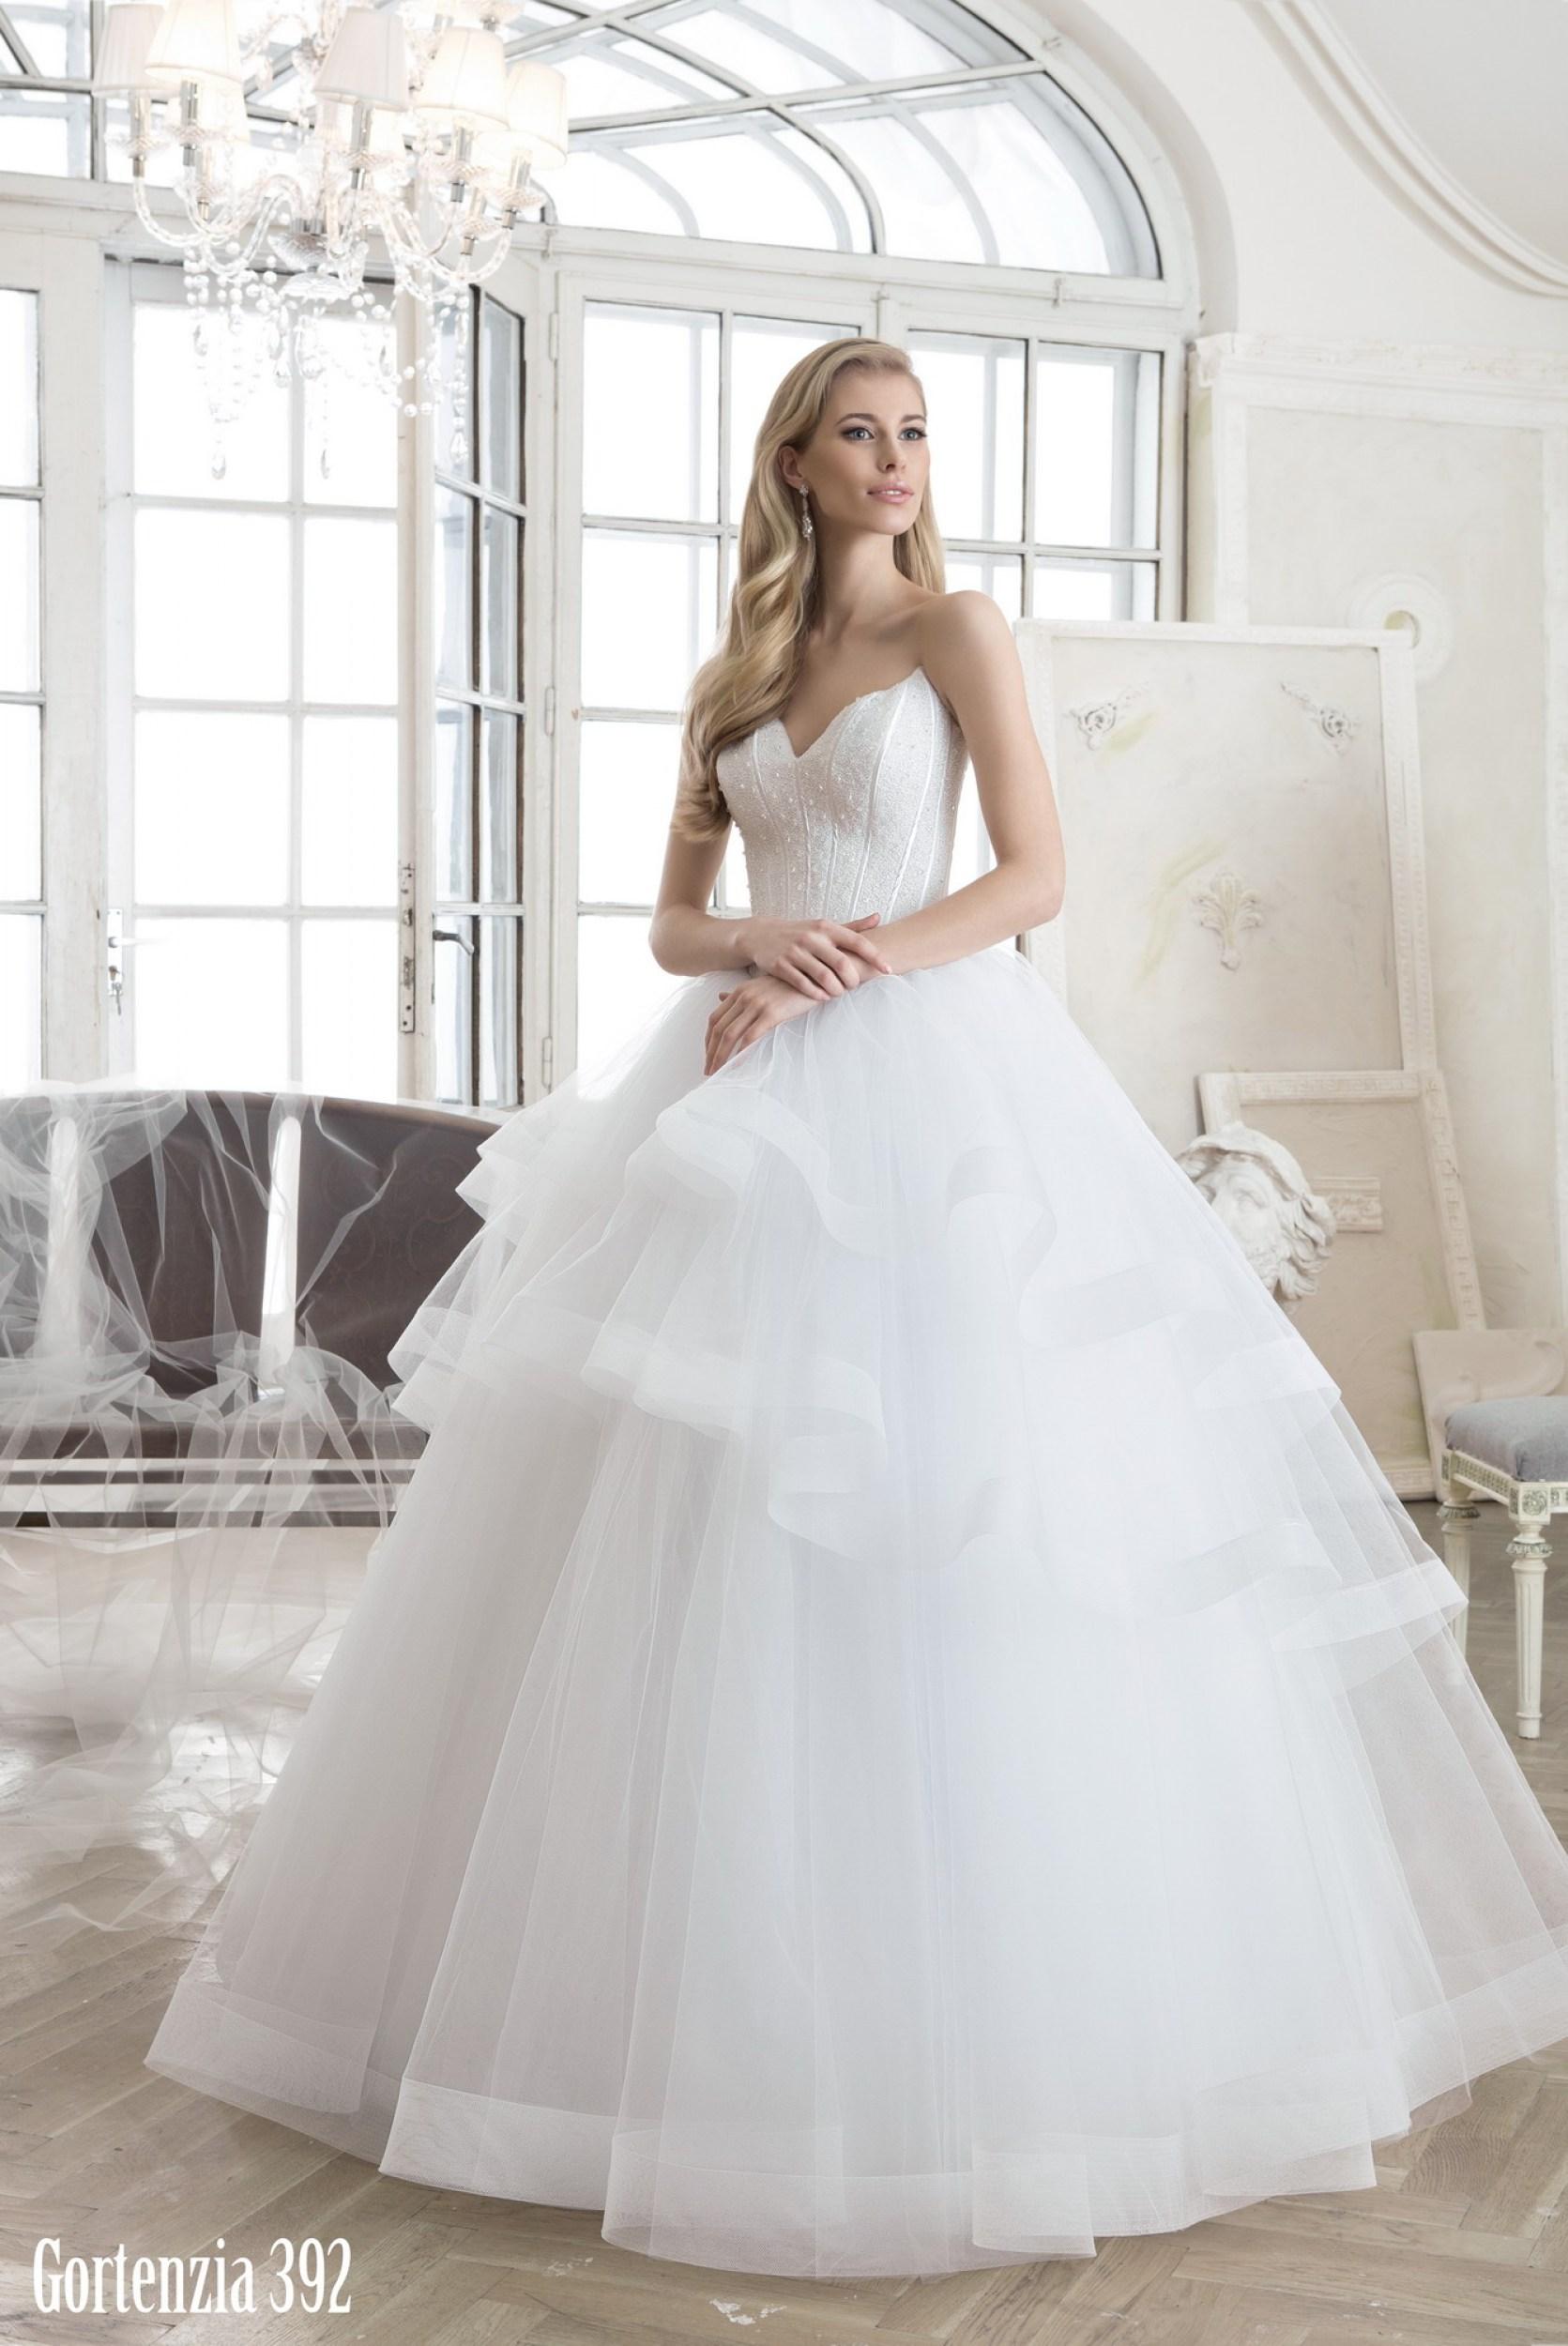 Возьму на реализацию свадебное платье